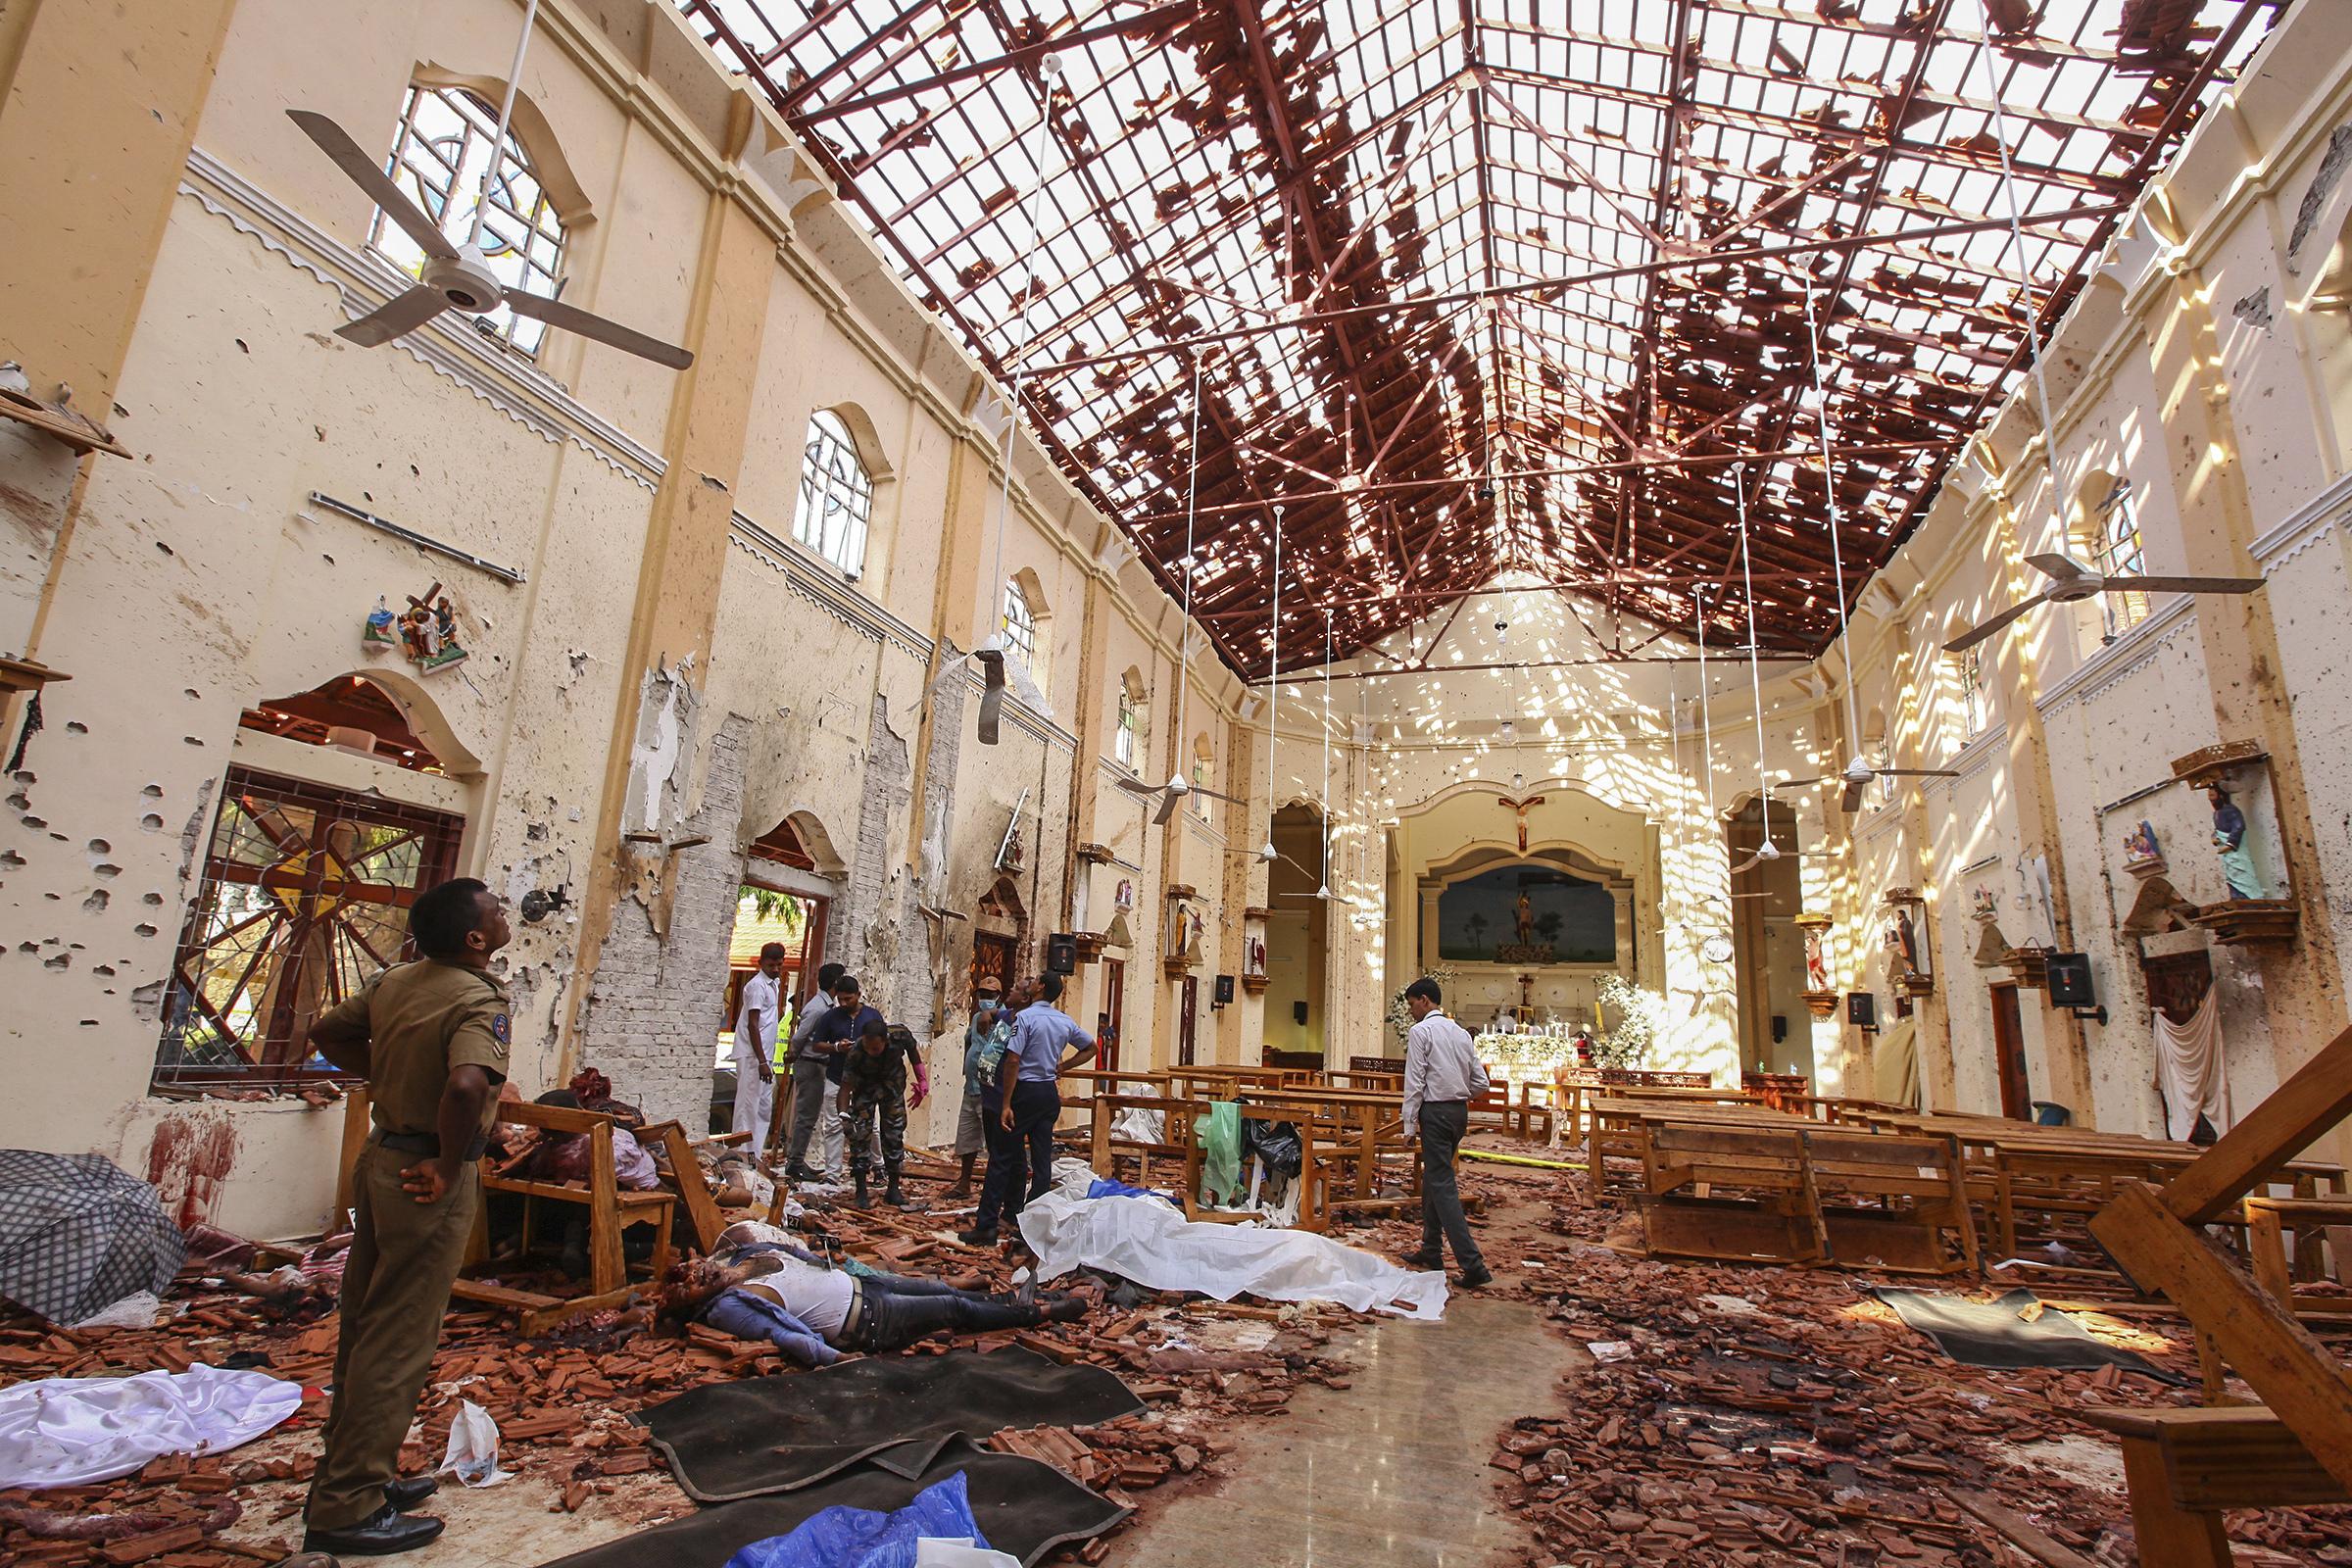 Церковь Святого Себастьяна в Негомбо, место взрыва / The Conversation / AP